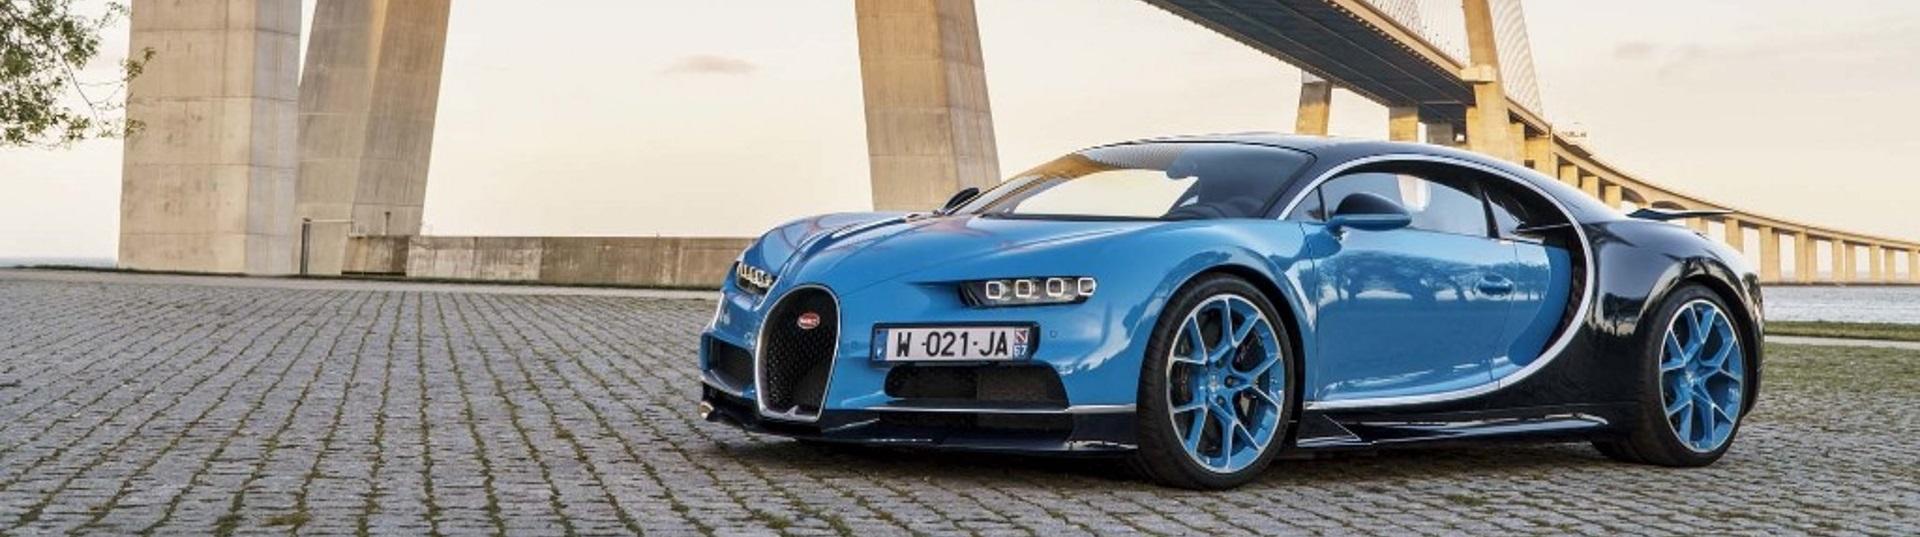 Bugatti Chiron_1920